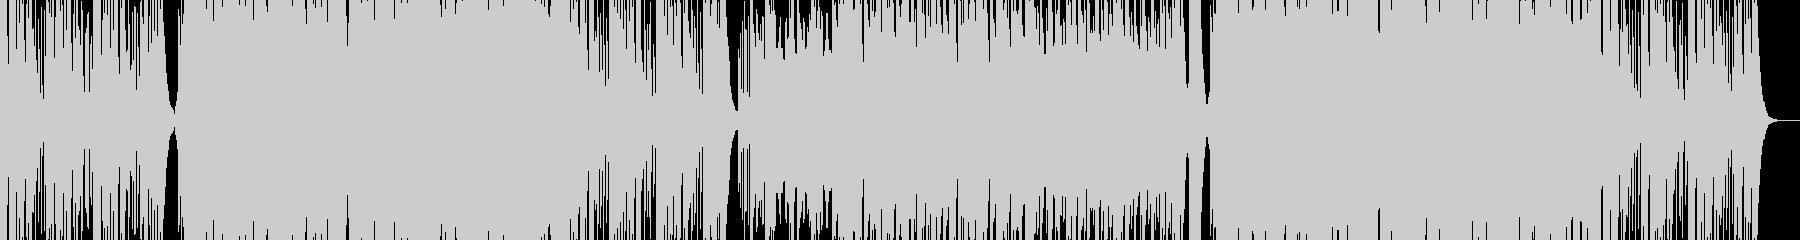 かっこいい!三味線がメインの和風BGMの未再生の波形